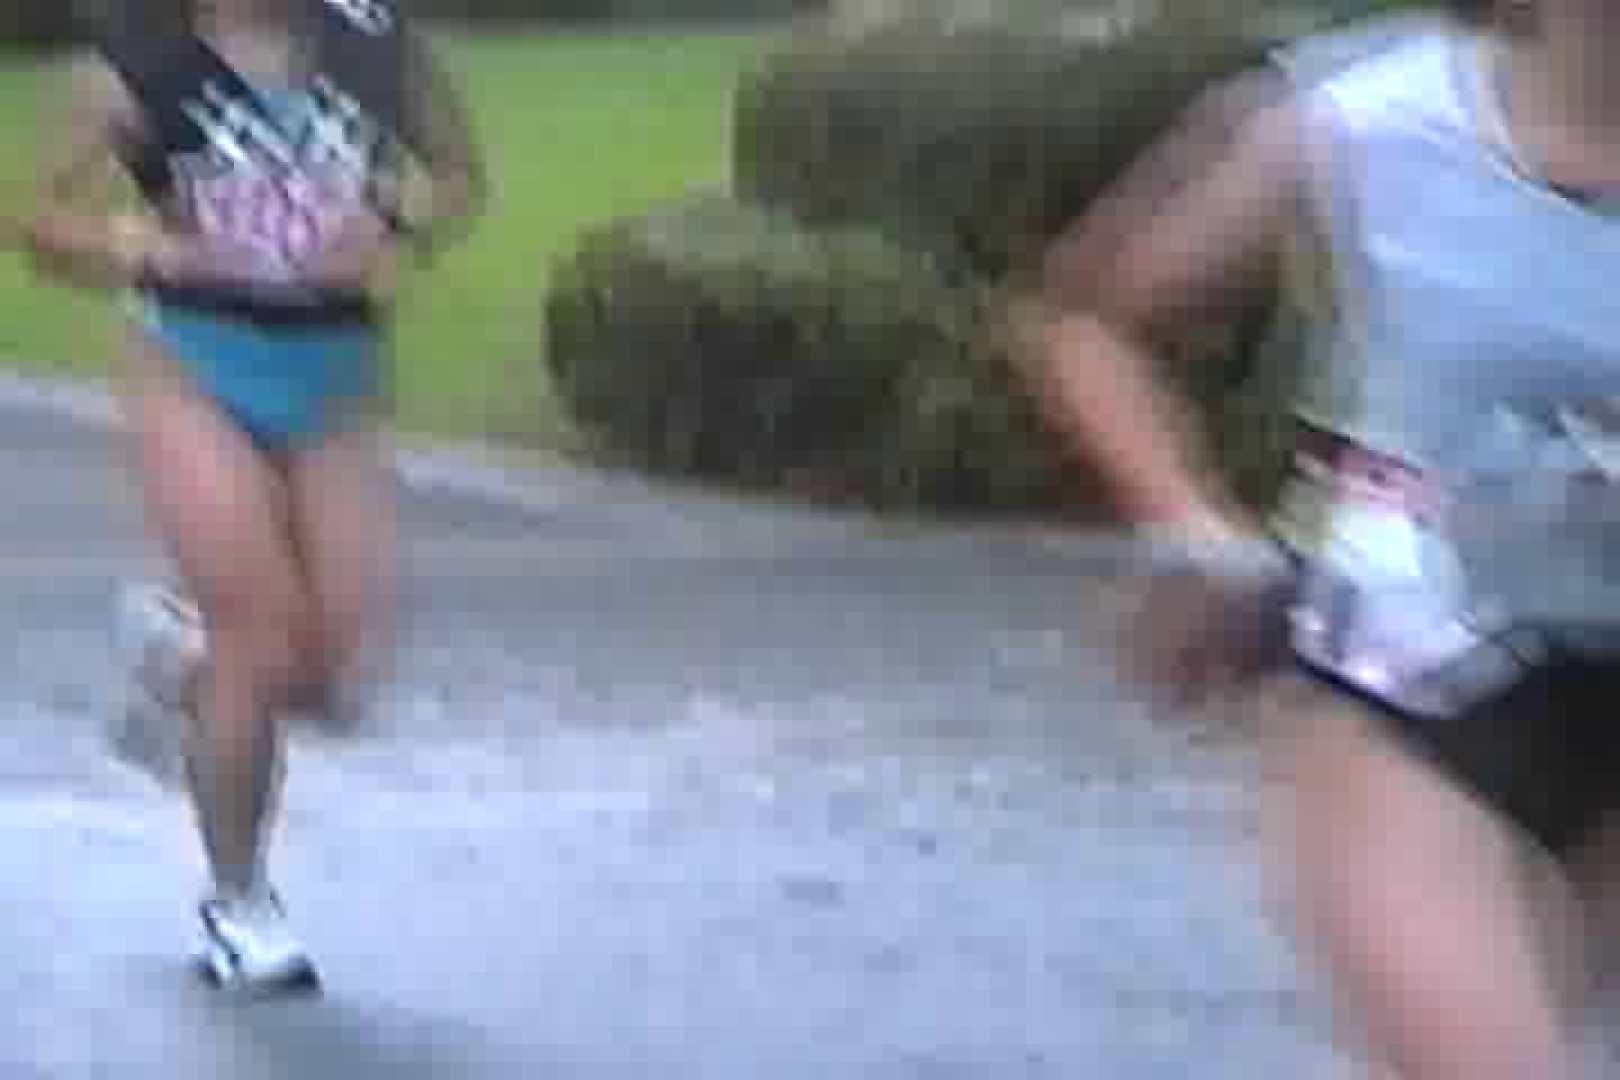 鉄人レース!!トライアスロンに挑む女性達!!Vol.4 OLヌード天国 ヌード画像 76PIX 68